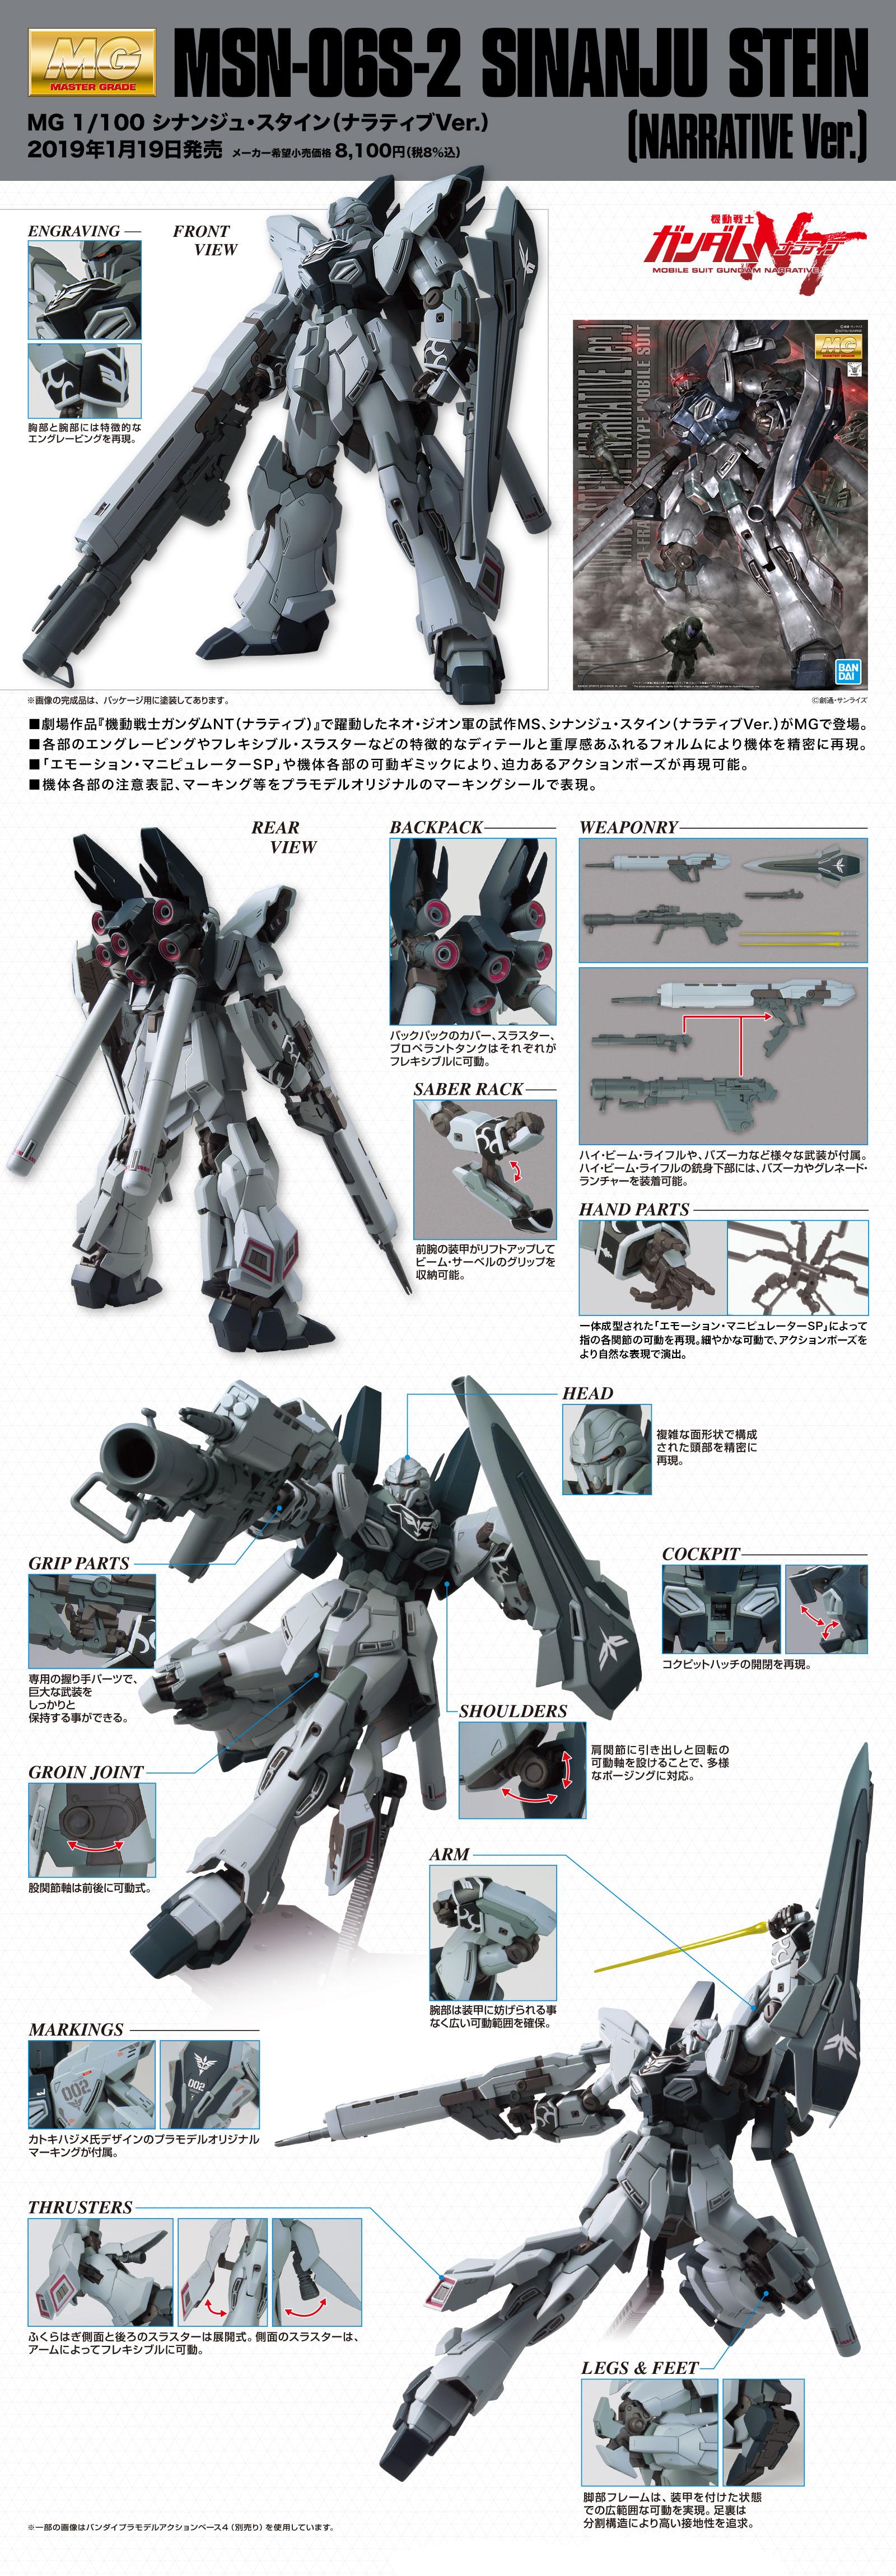 MG 1/100 シナンジュ・スタイン(ナラティブVer.) 公式商品説明(画像)